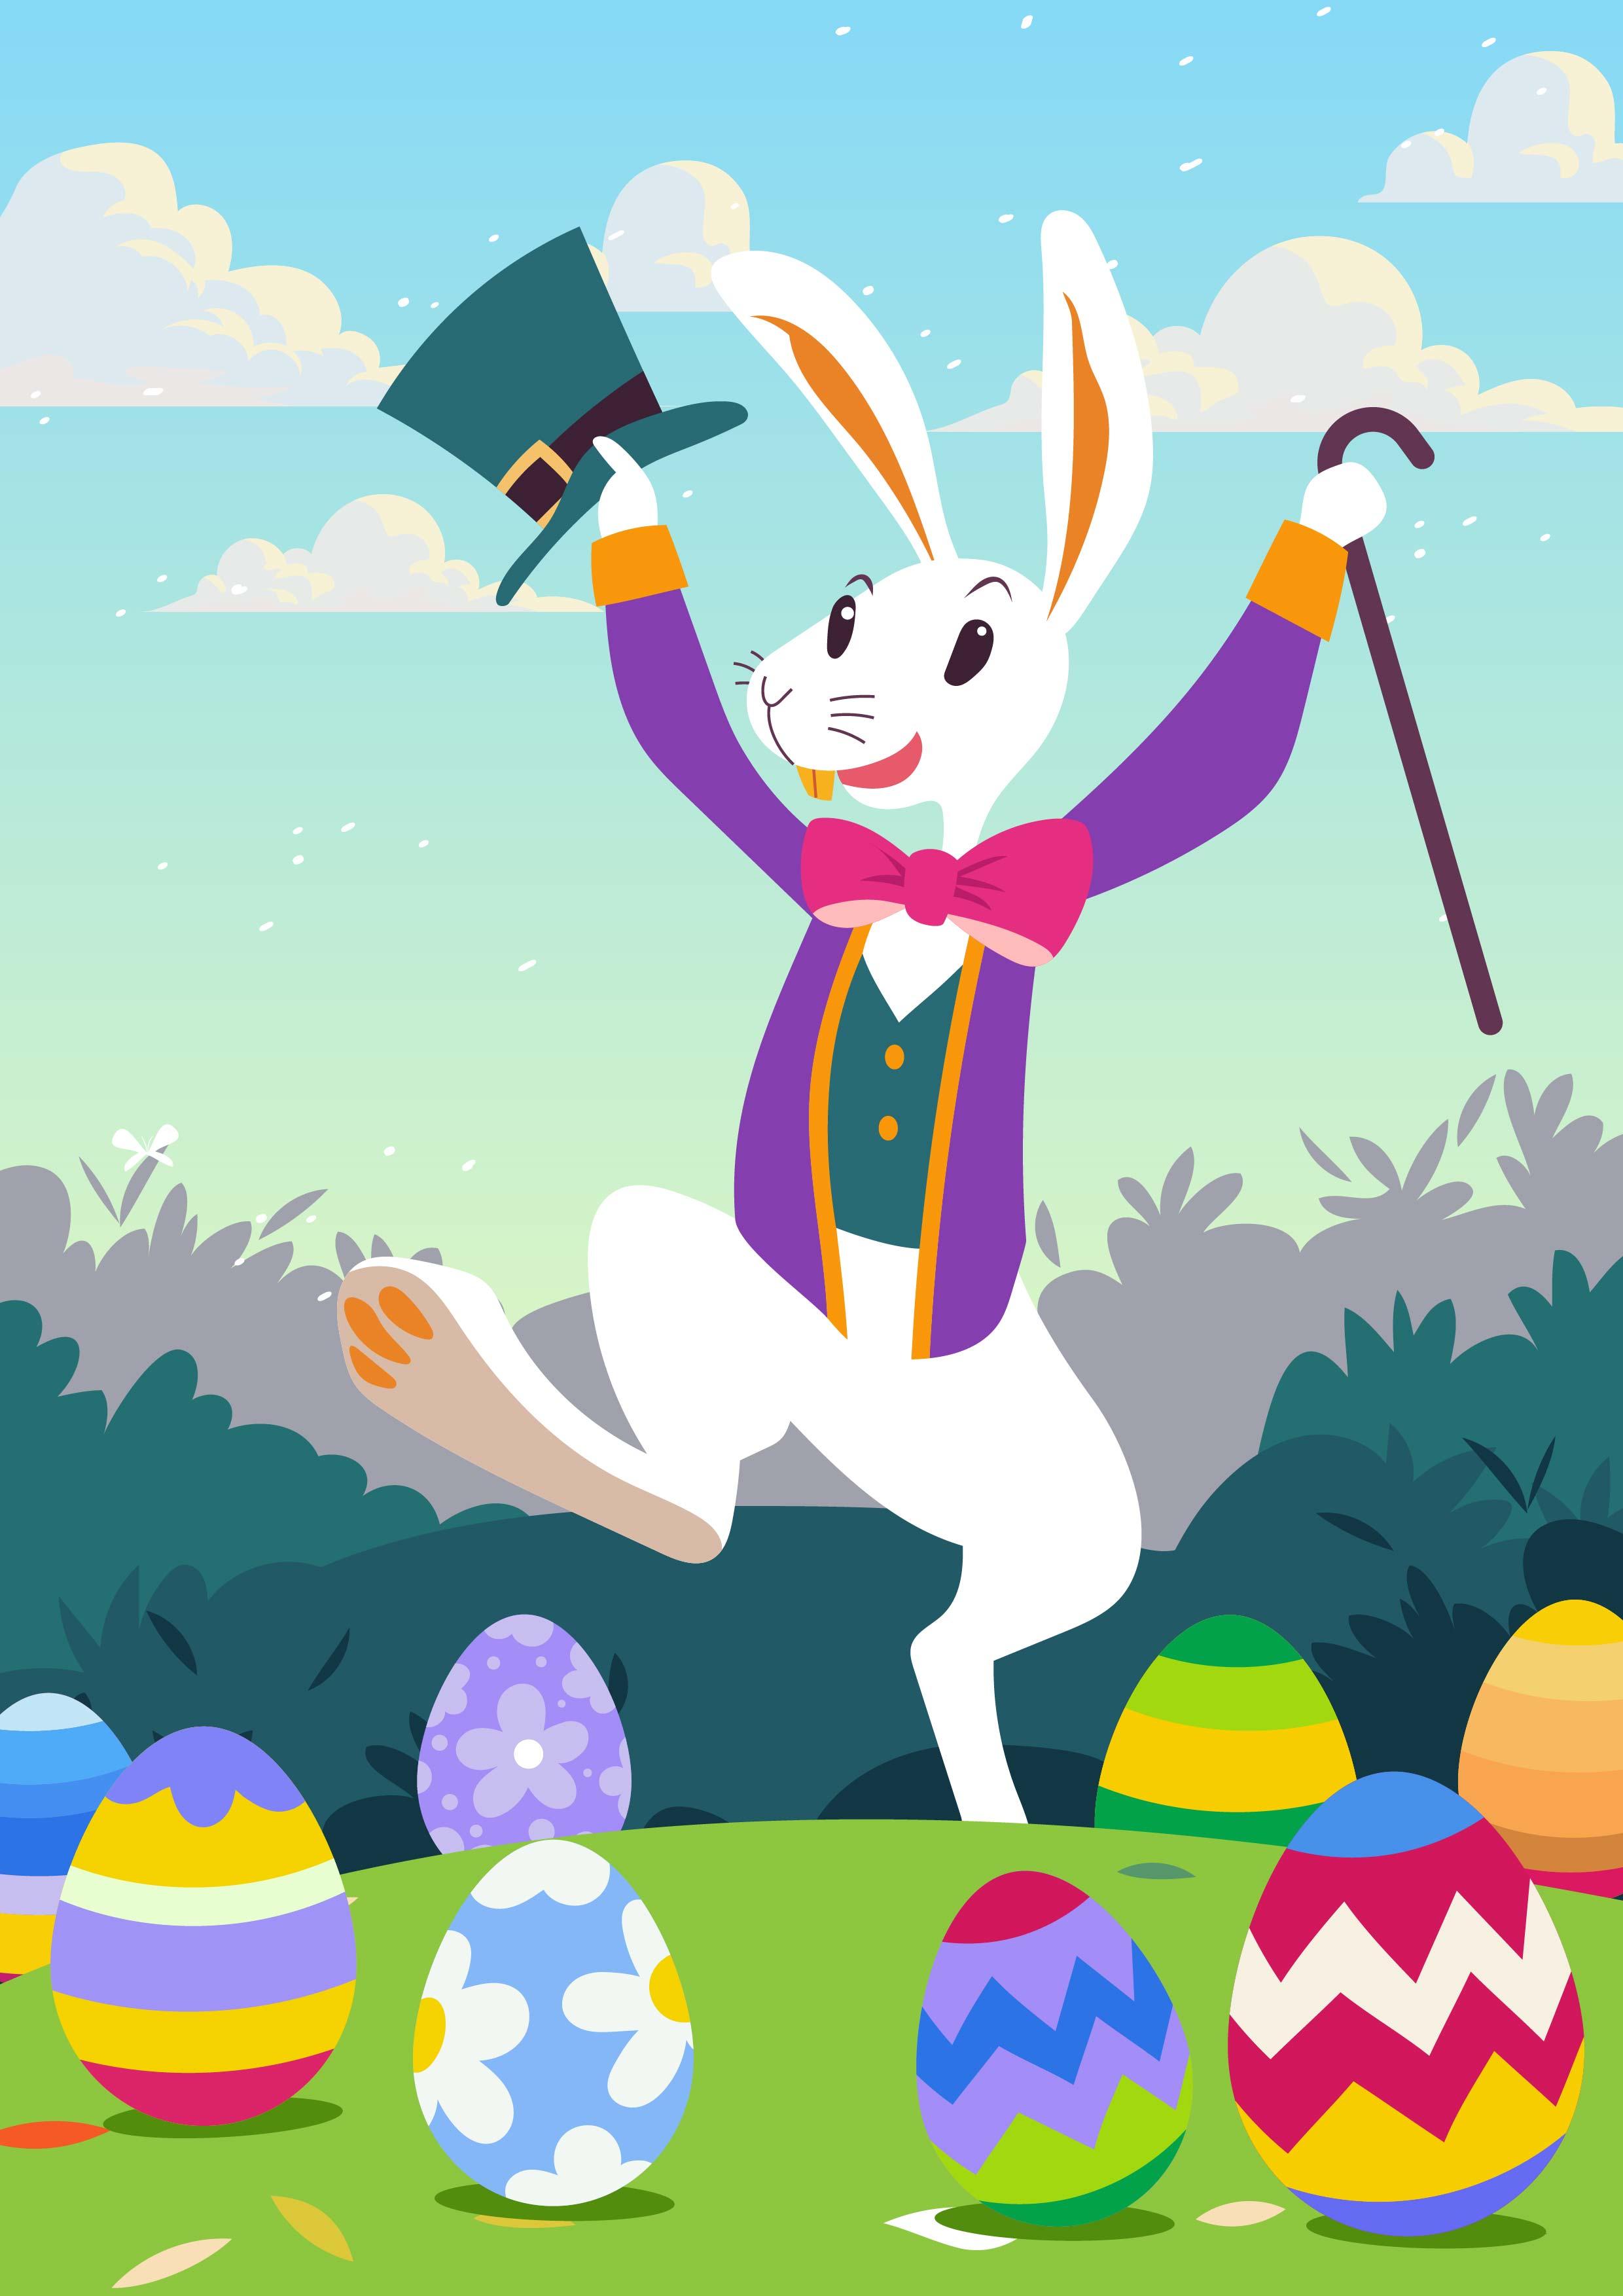 Cute Easter Bunny Wallpaper Download Free Vectors Clipart